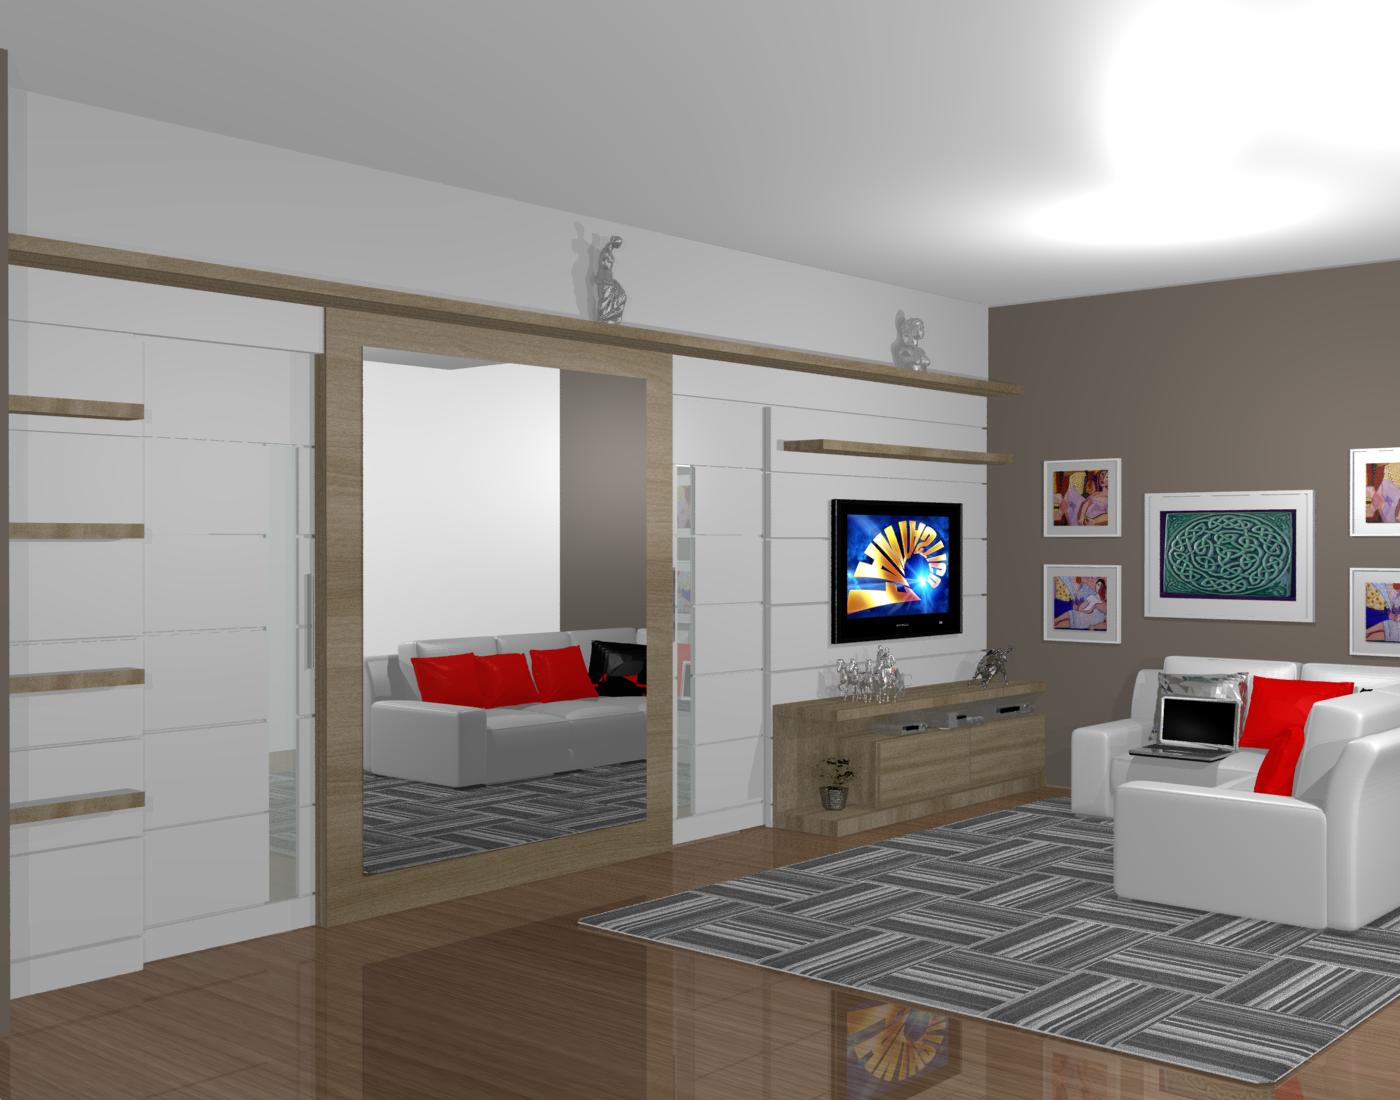 MOVEIS PLANEJADOS ESTANTE HOME THEATER PAINEL PARA TV TELEVISÃO LCD #C40707 1400 1100